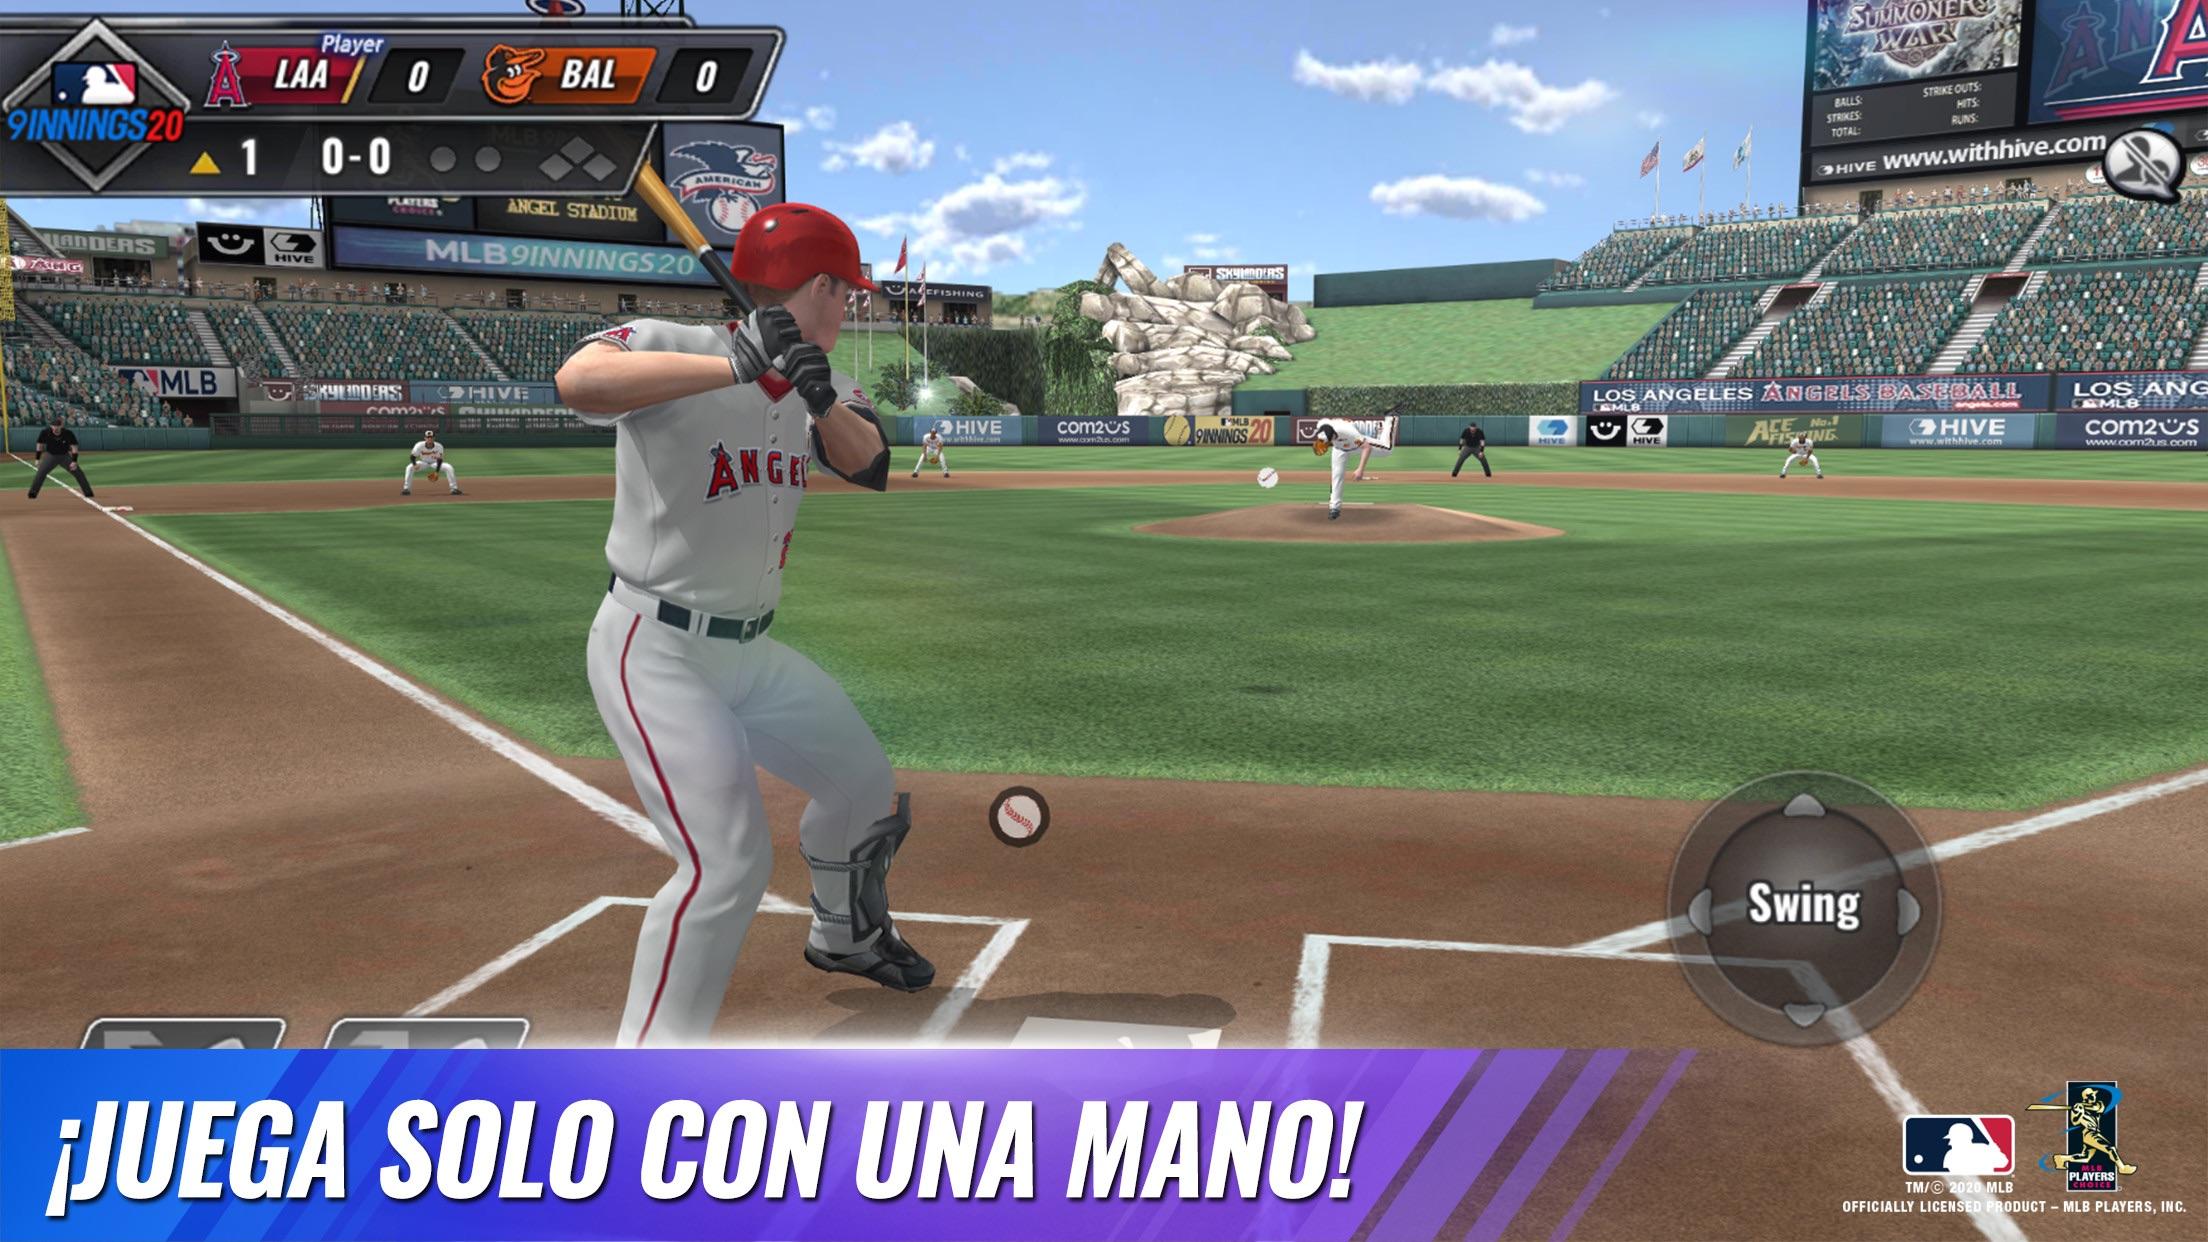 MLB 9 Innings 20 Screenshot